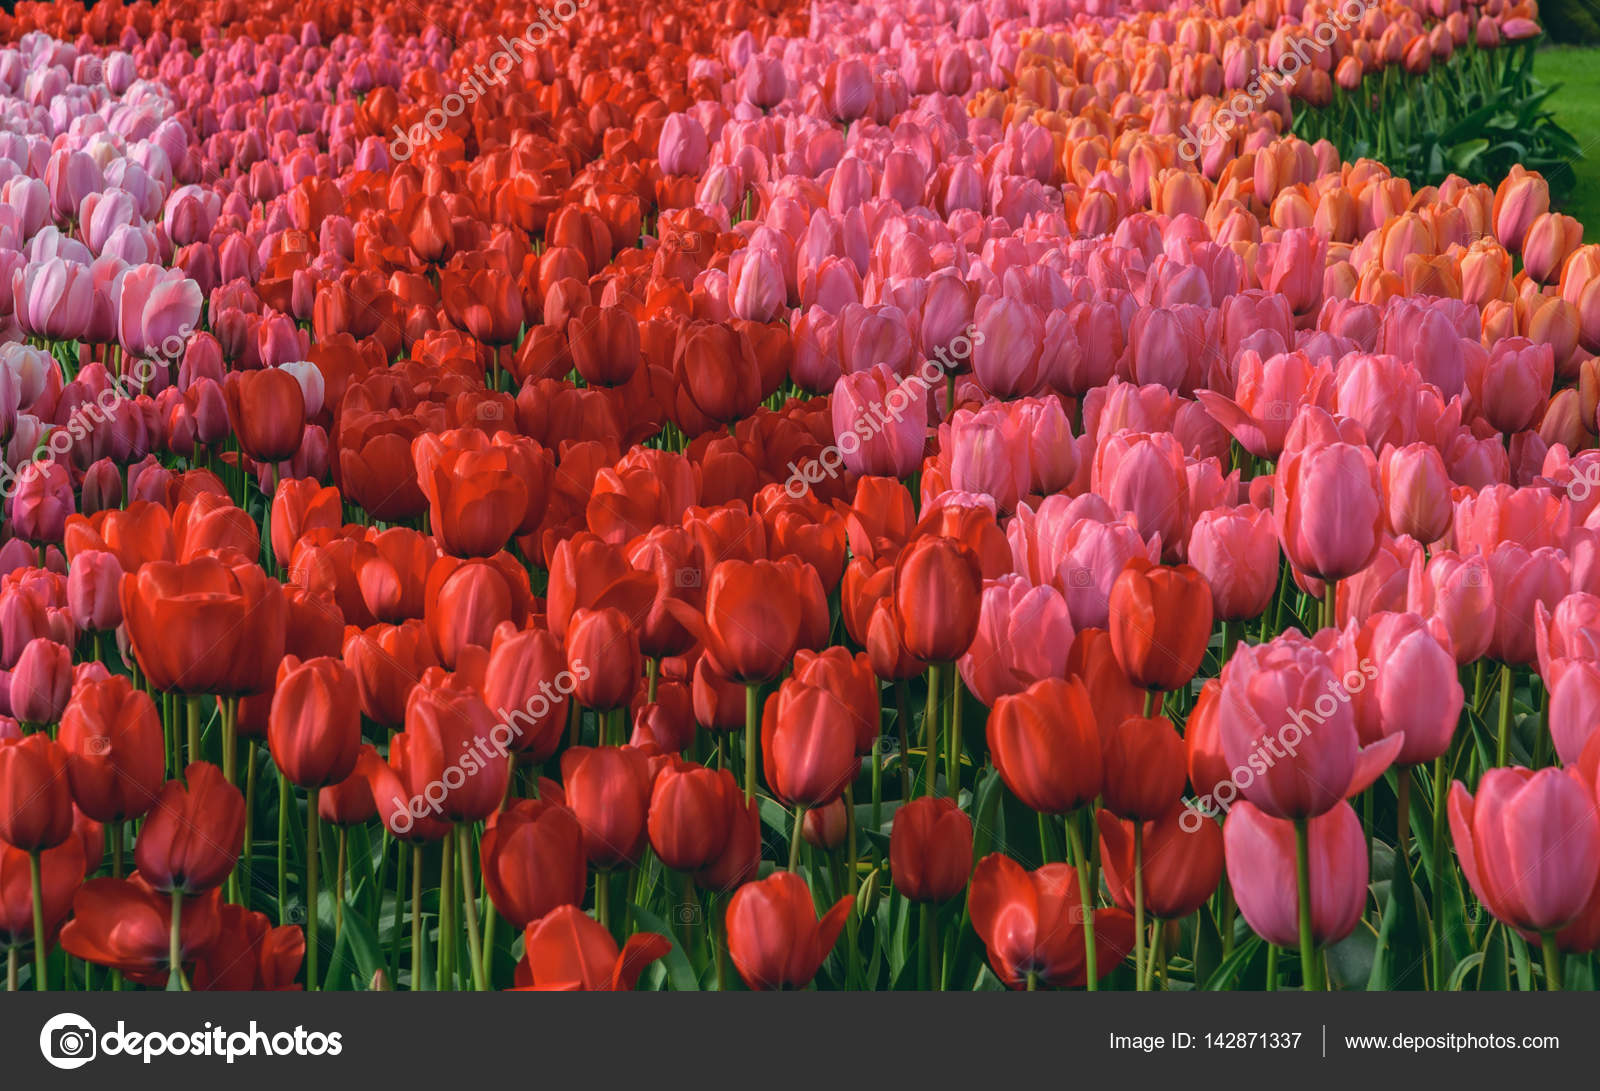 Fondos de pantalla de tulipanes holandeses